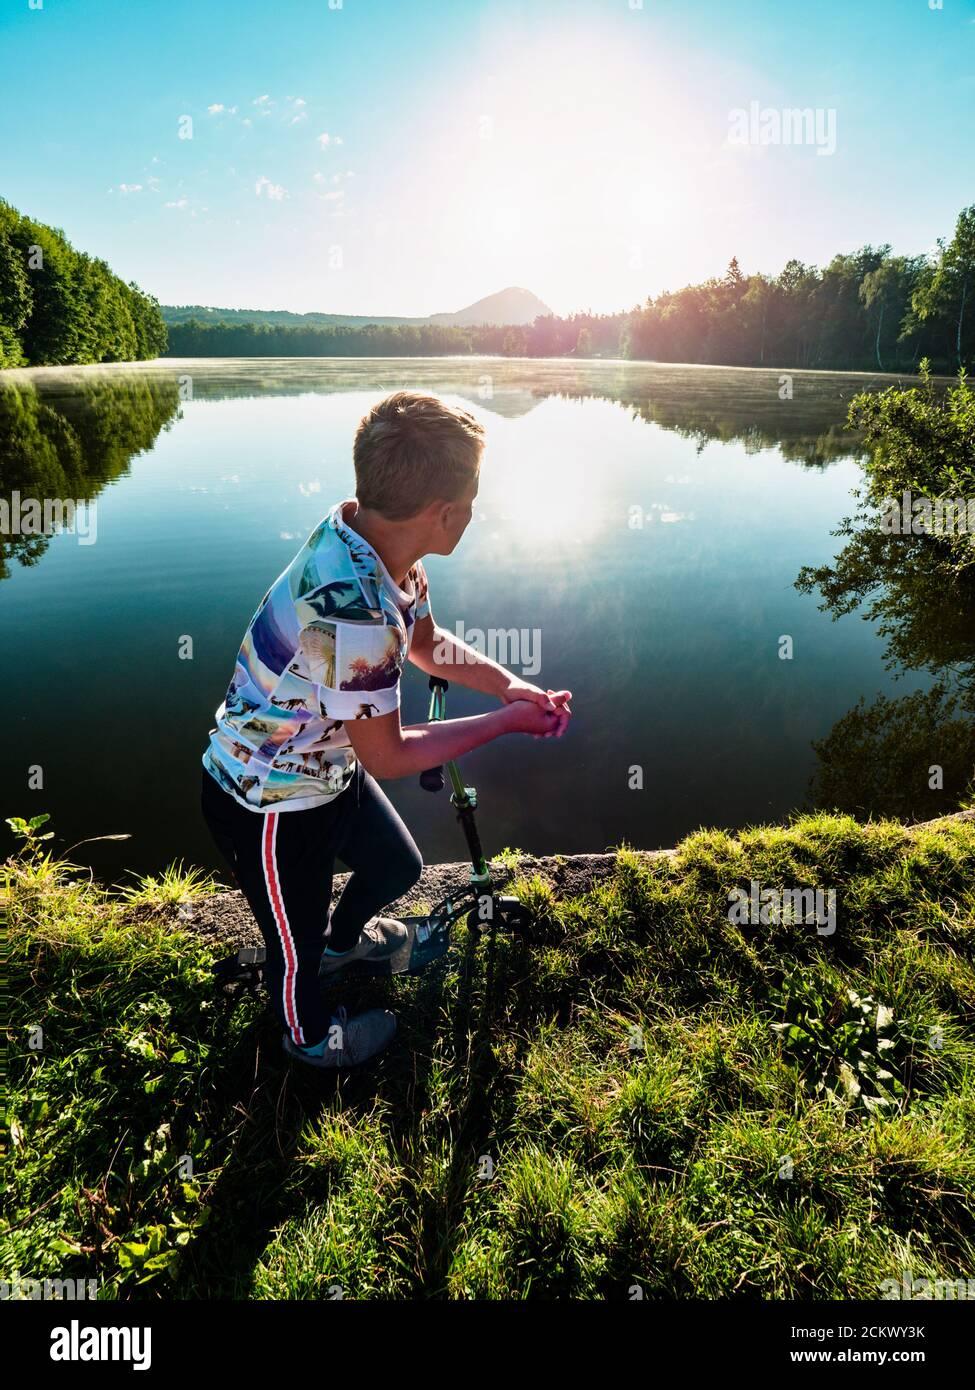 Biondo hair boy con scooter si trova su un sentiero parco lungo il lago. Concetto di sport dell'infanzia. Il sole di sera sta facendo i flares e i riflessi nell'acqua. Foto Stock